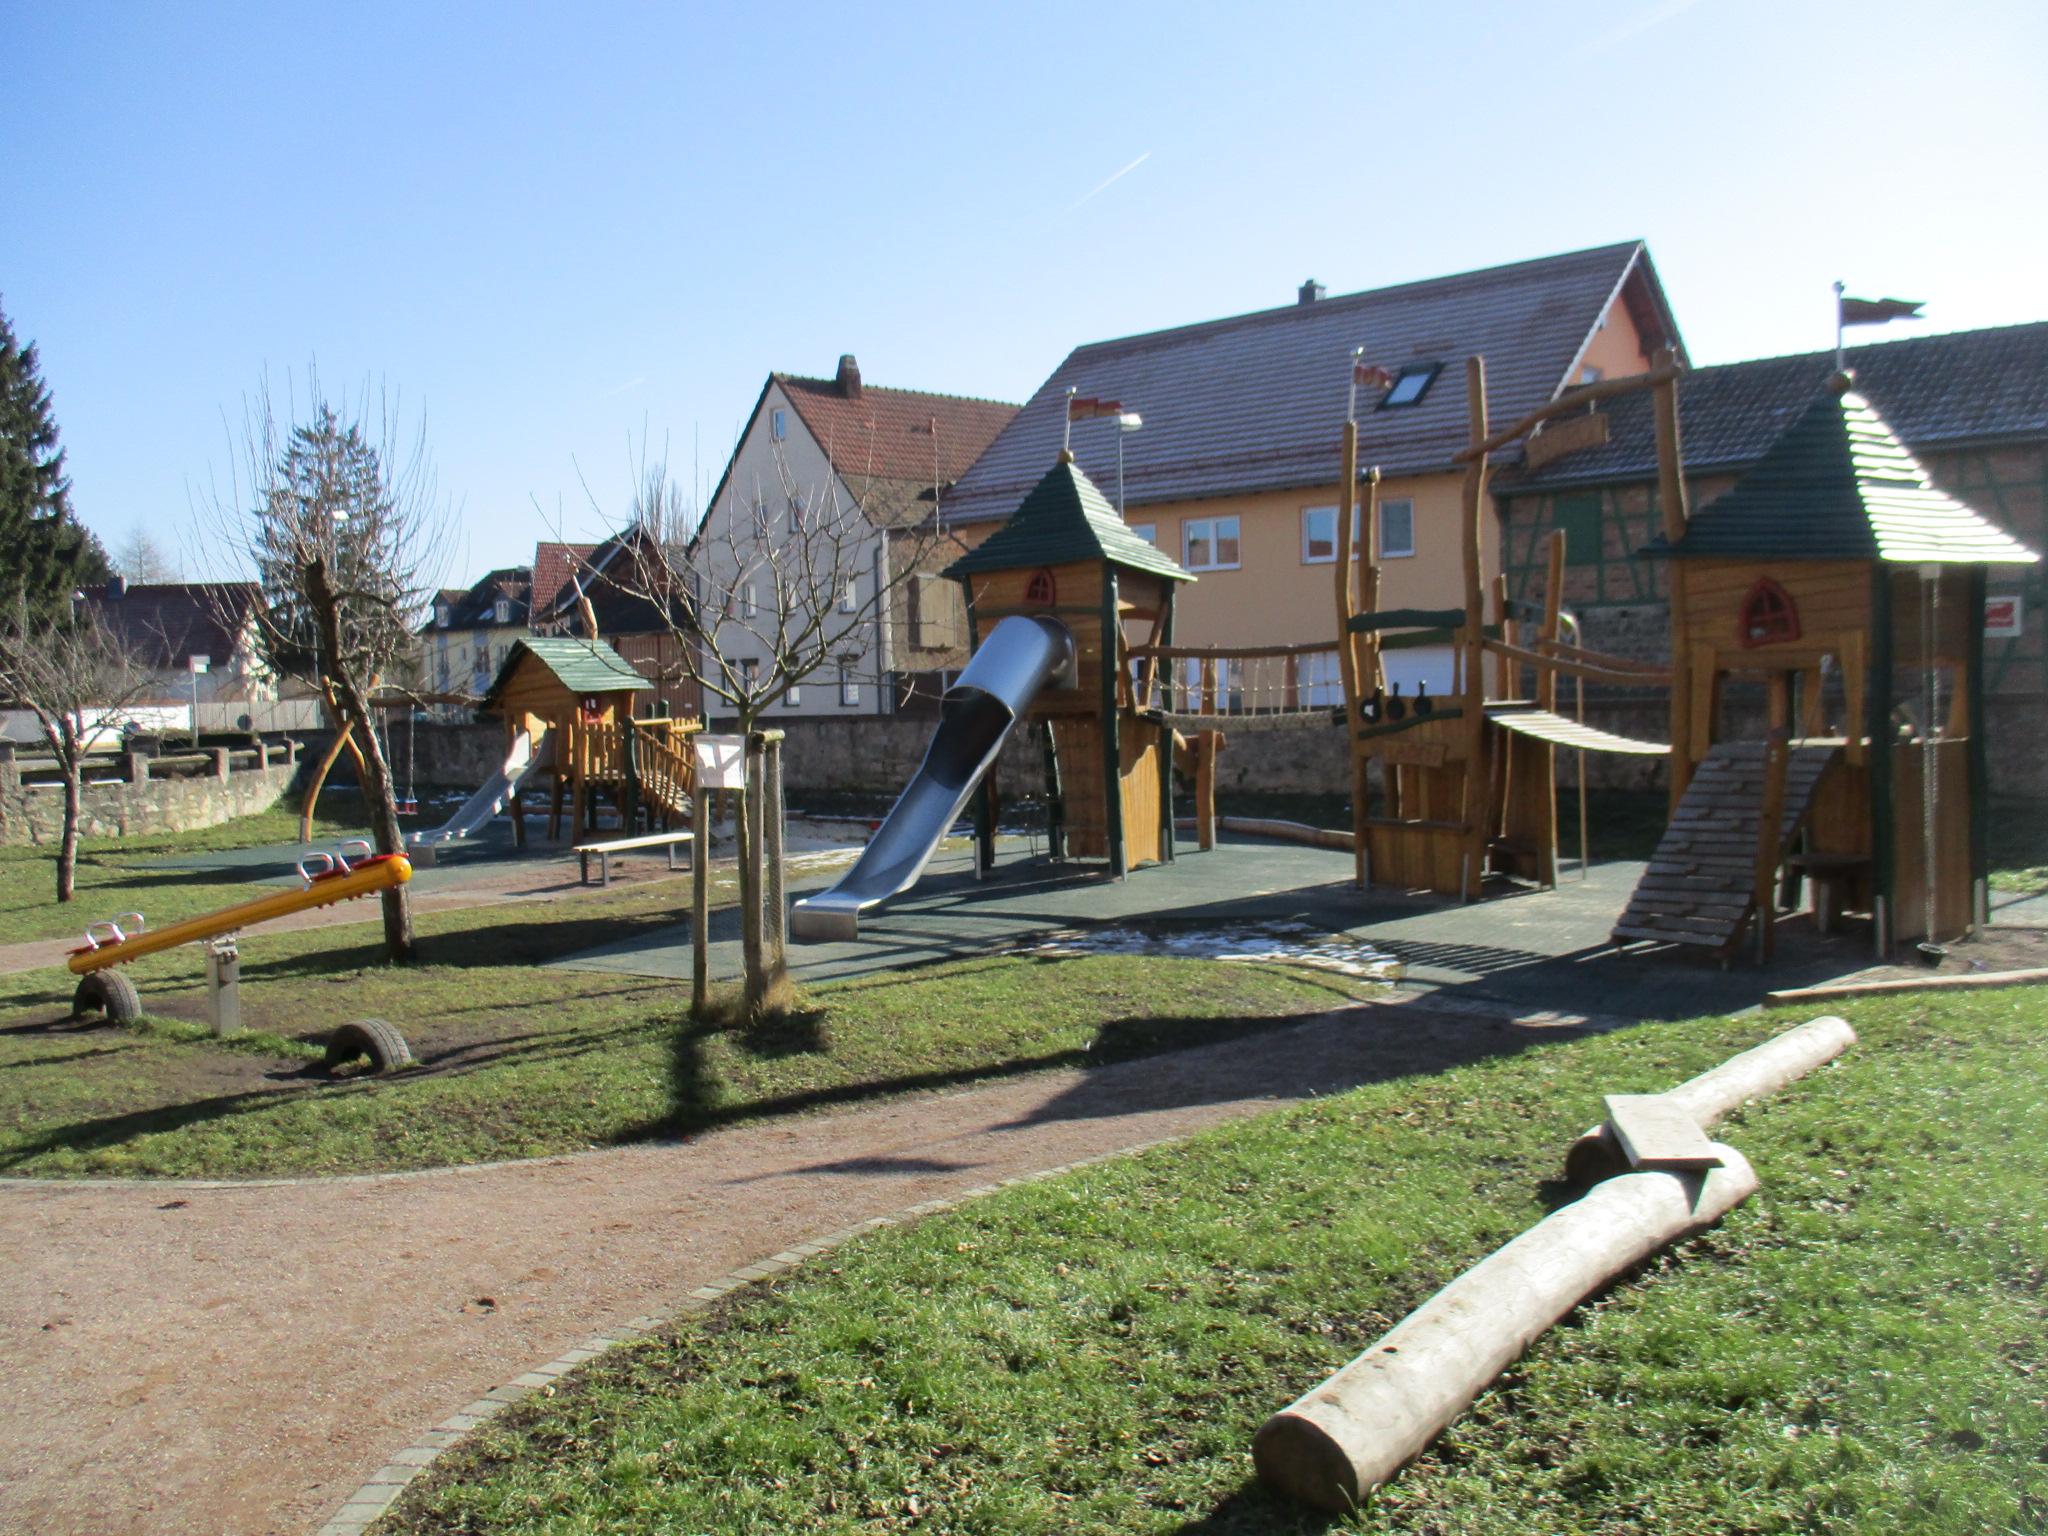 Aktivspielplatz, RAG Weimarer Land - Mittelthüringen e.V.